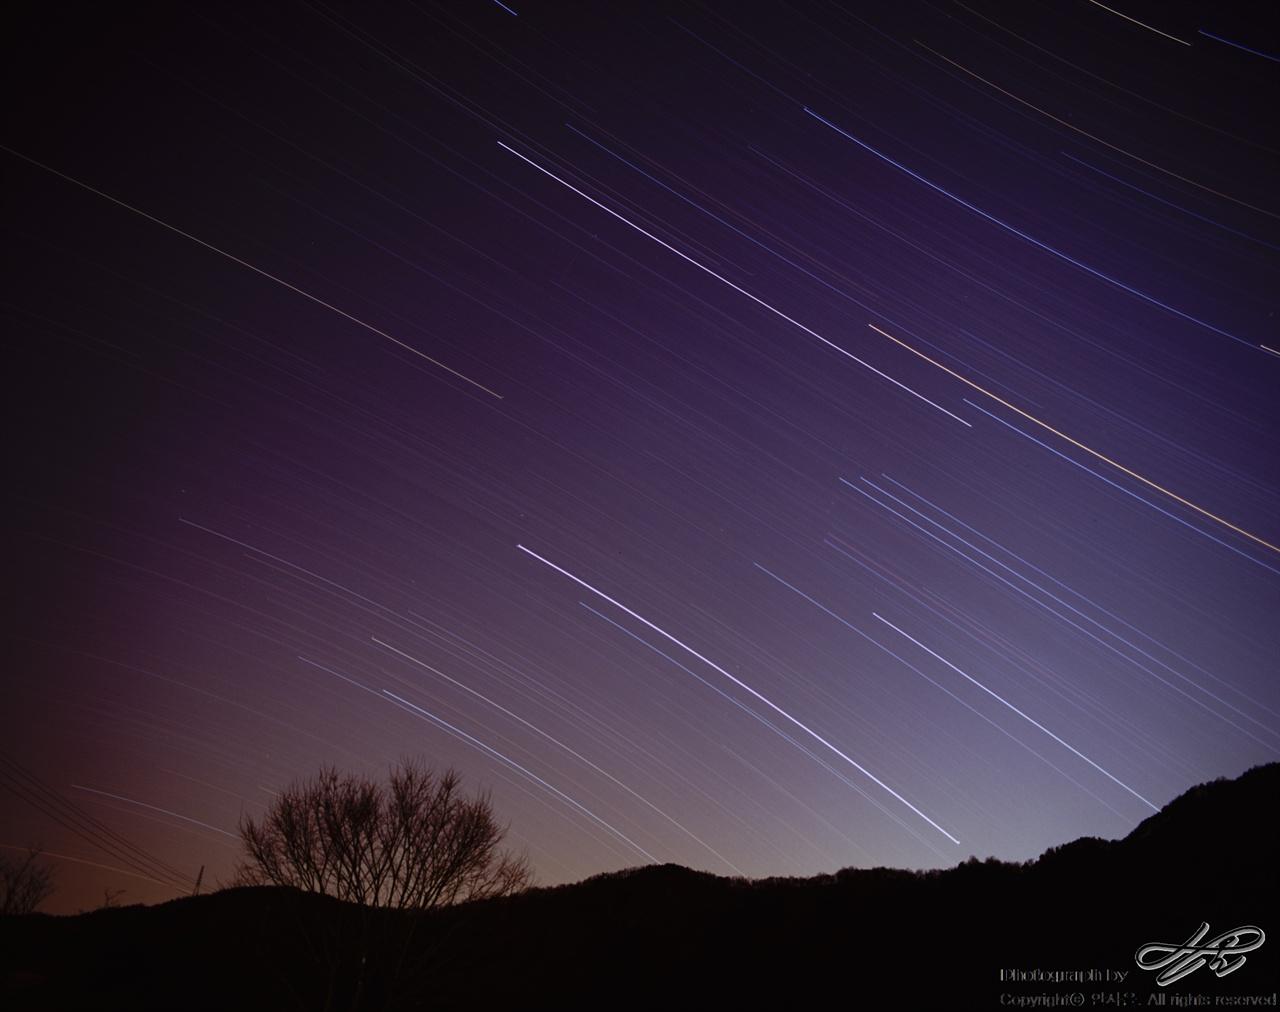 별의 이동(북서) 필름(PROVIA100F). 금강을 끼고 있는 산능선 위로 별들이 지나가고 있다. 두 시간 정도 렌즈를 열어두었다. 지구는 한 시간에 15도 자전한다.